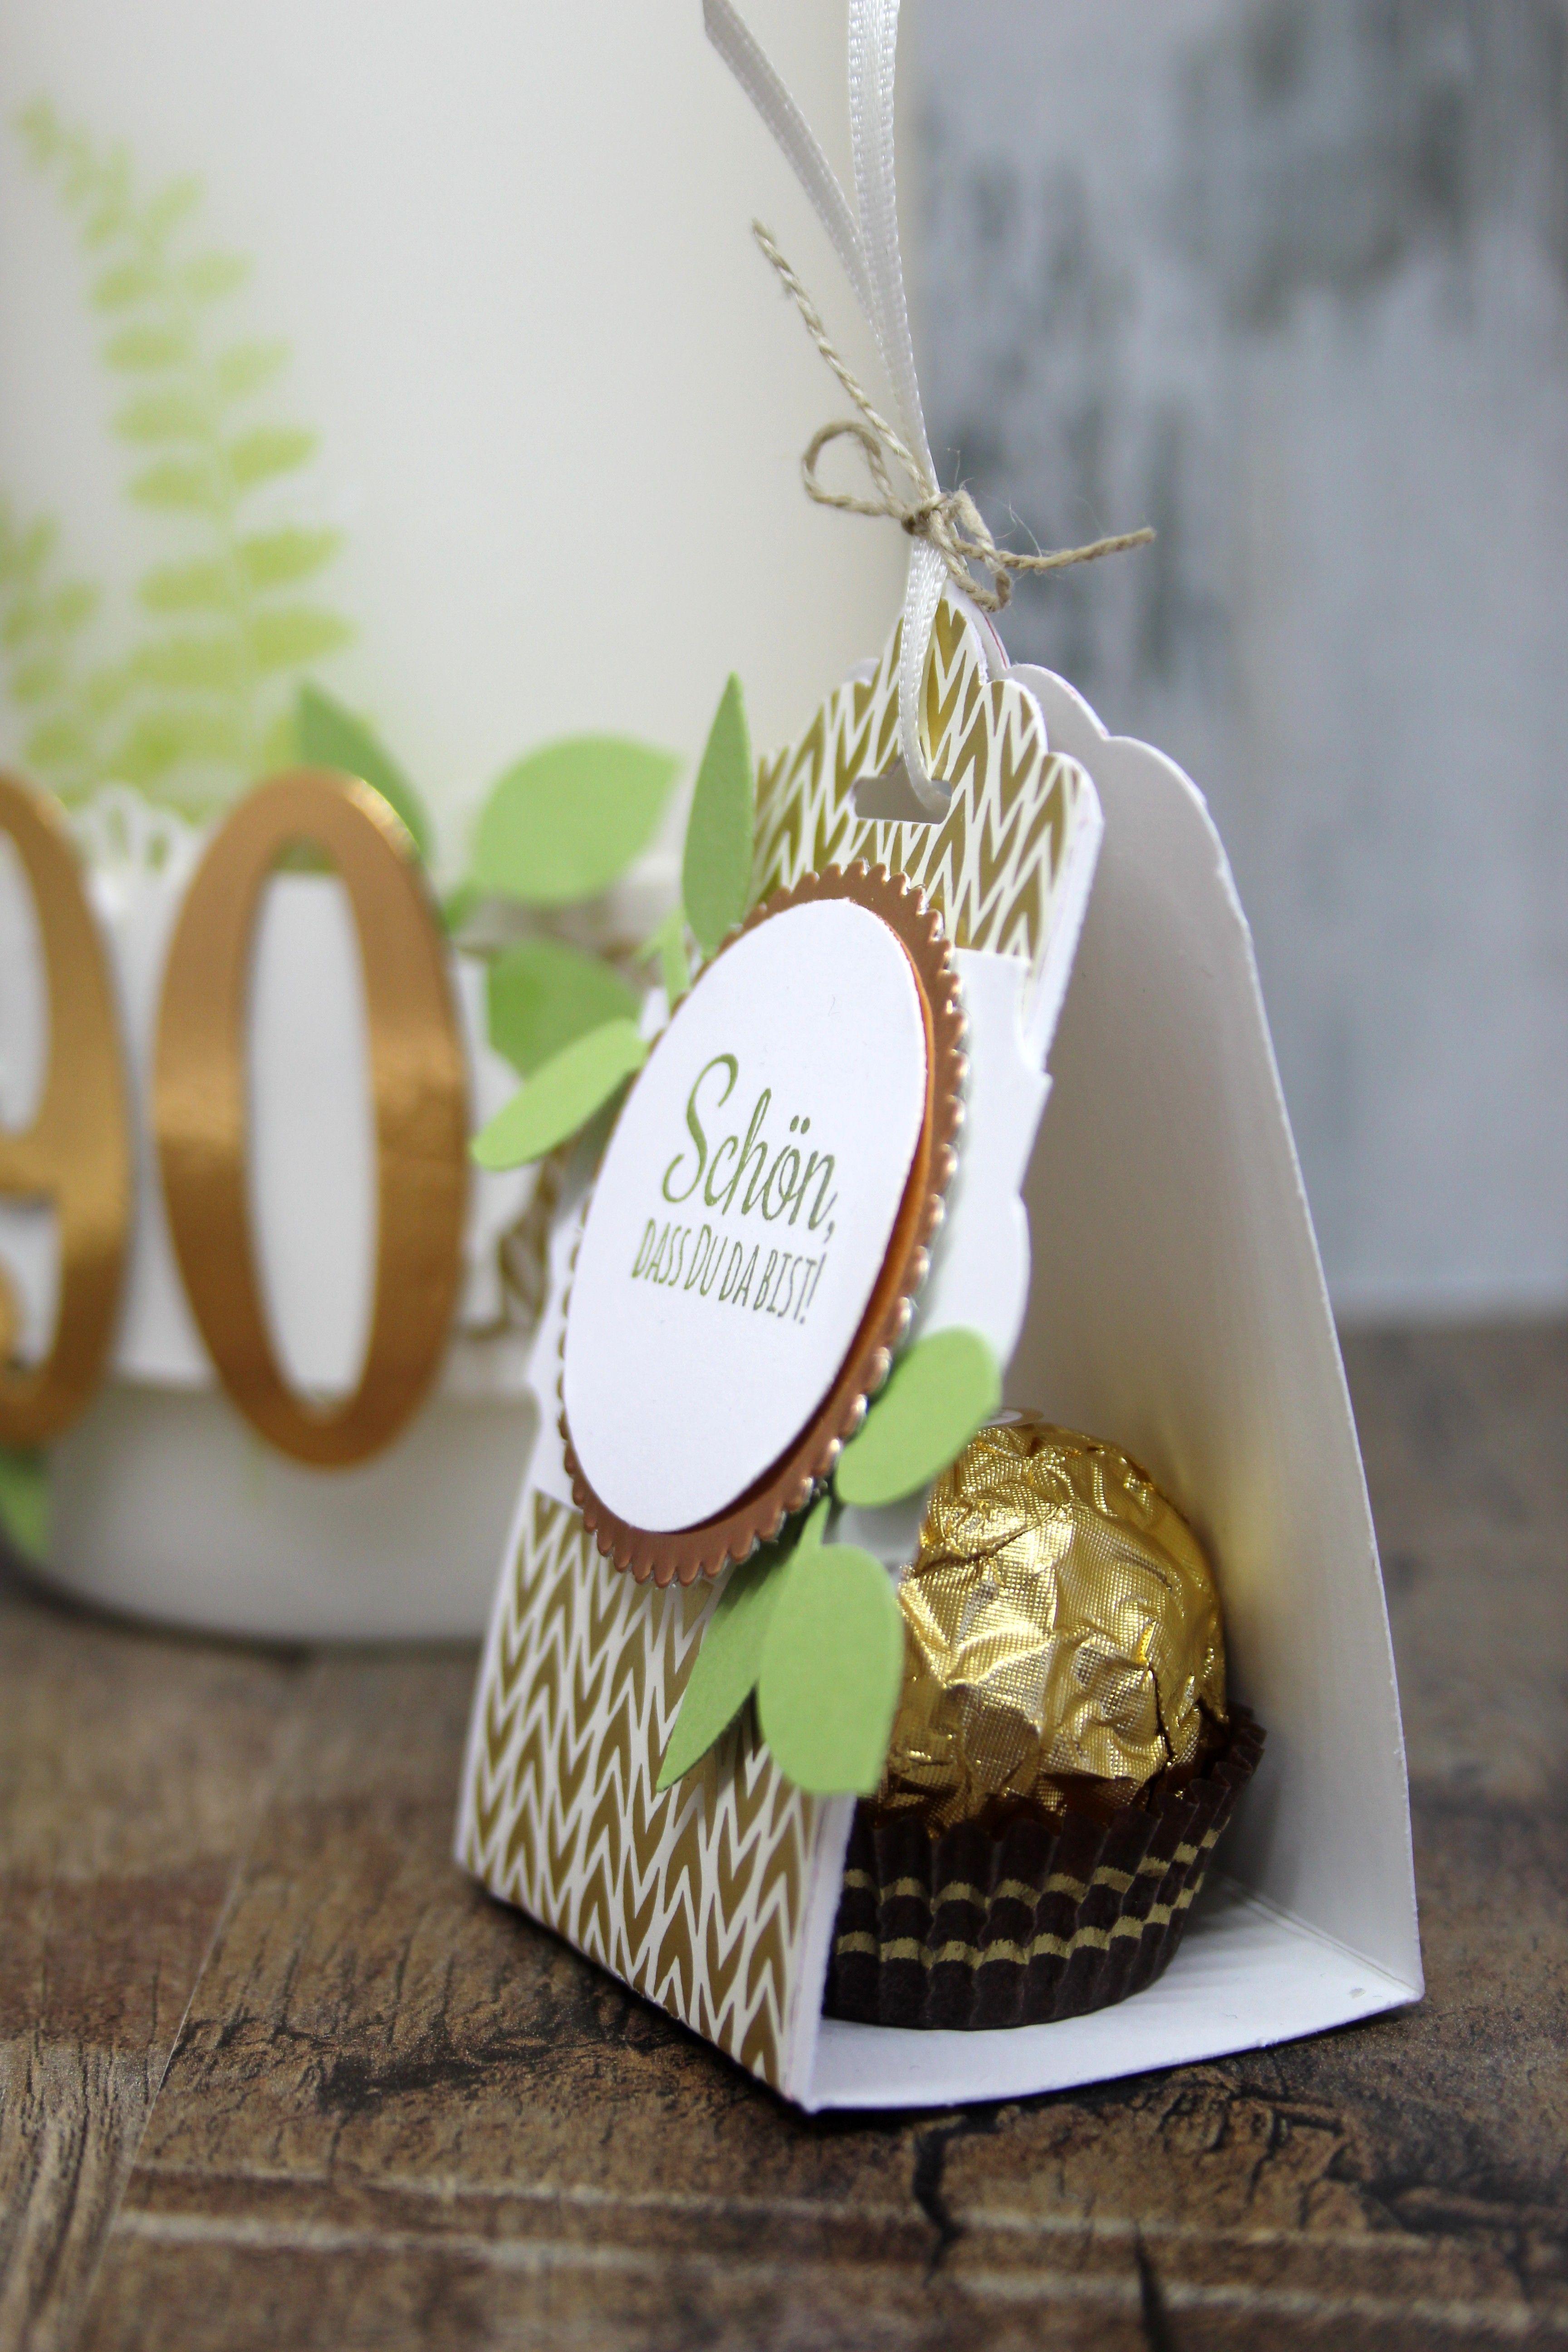 Tischdeko 30 Geburtstag Selber Machen Wow Goldene Hochzeit Geschenk Urkunde Zum 50